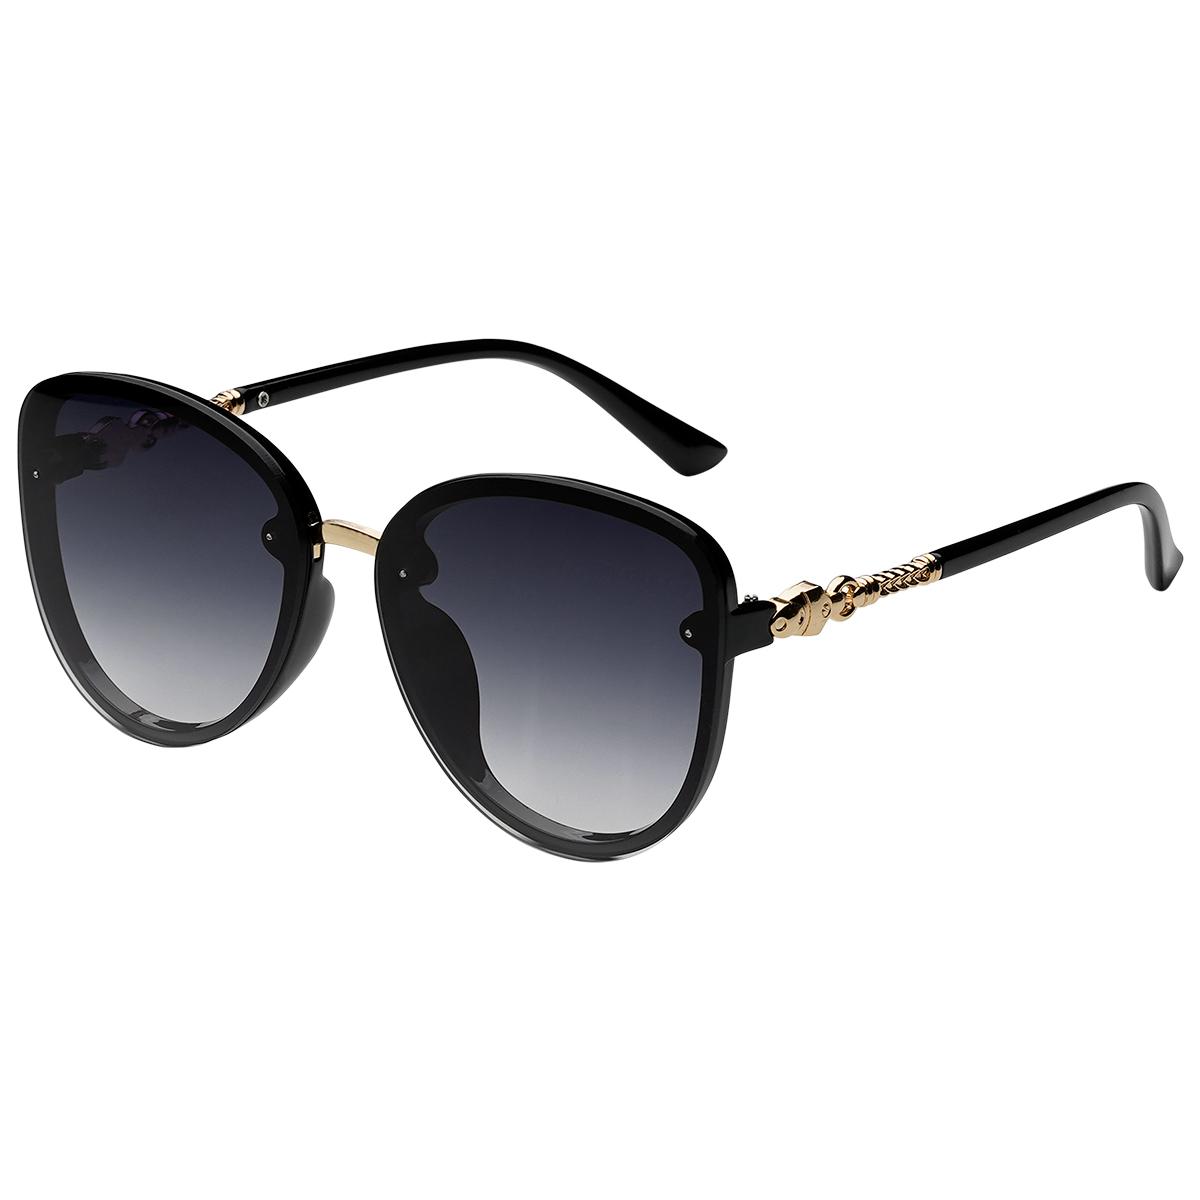 Zonnebril Elegance zwart zwarte dames zonnebrillen gouden details zijkanten trendy festival brillen musthaves kopen bestellen yehwang